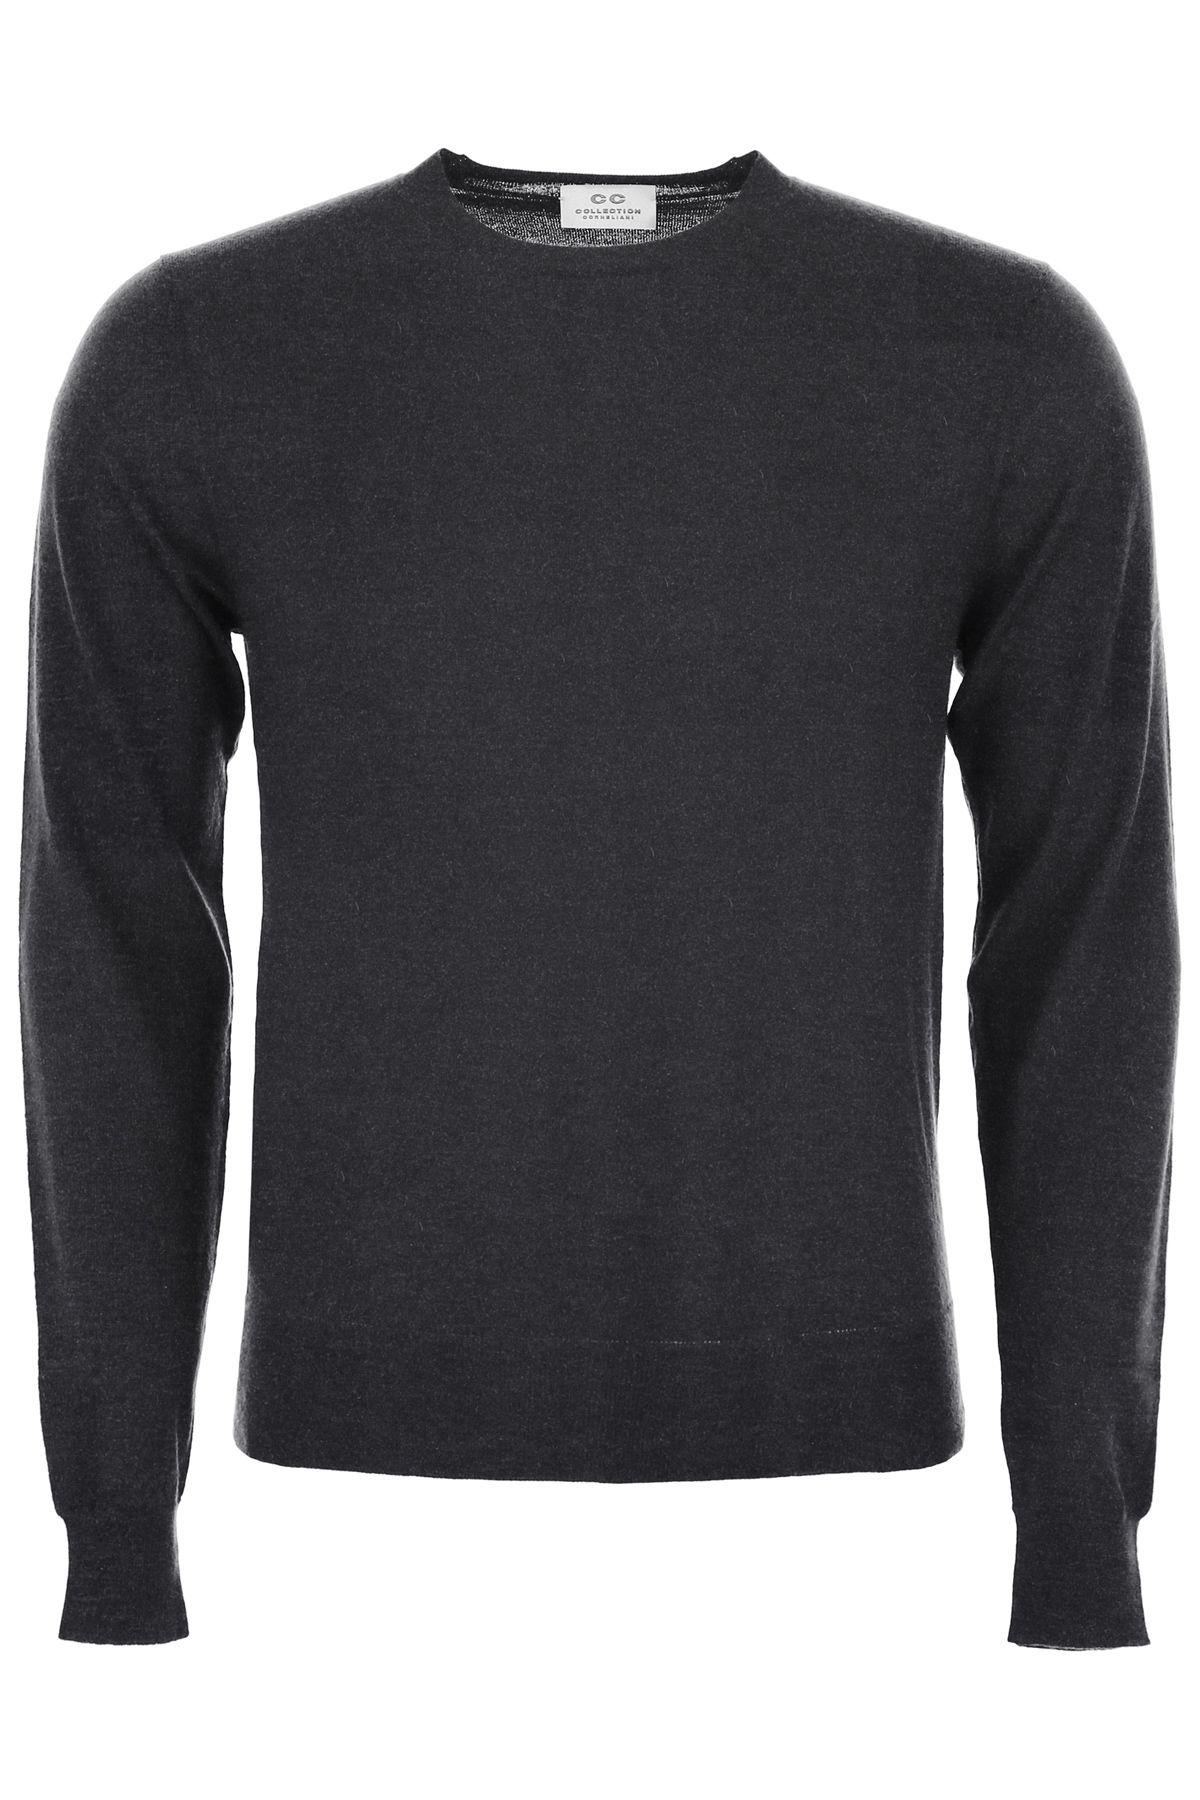 CC COLLECTION CORNELIANI Cashmere Pullover in Grigio Melange Scuro